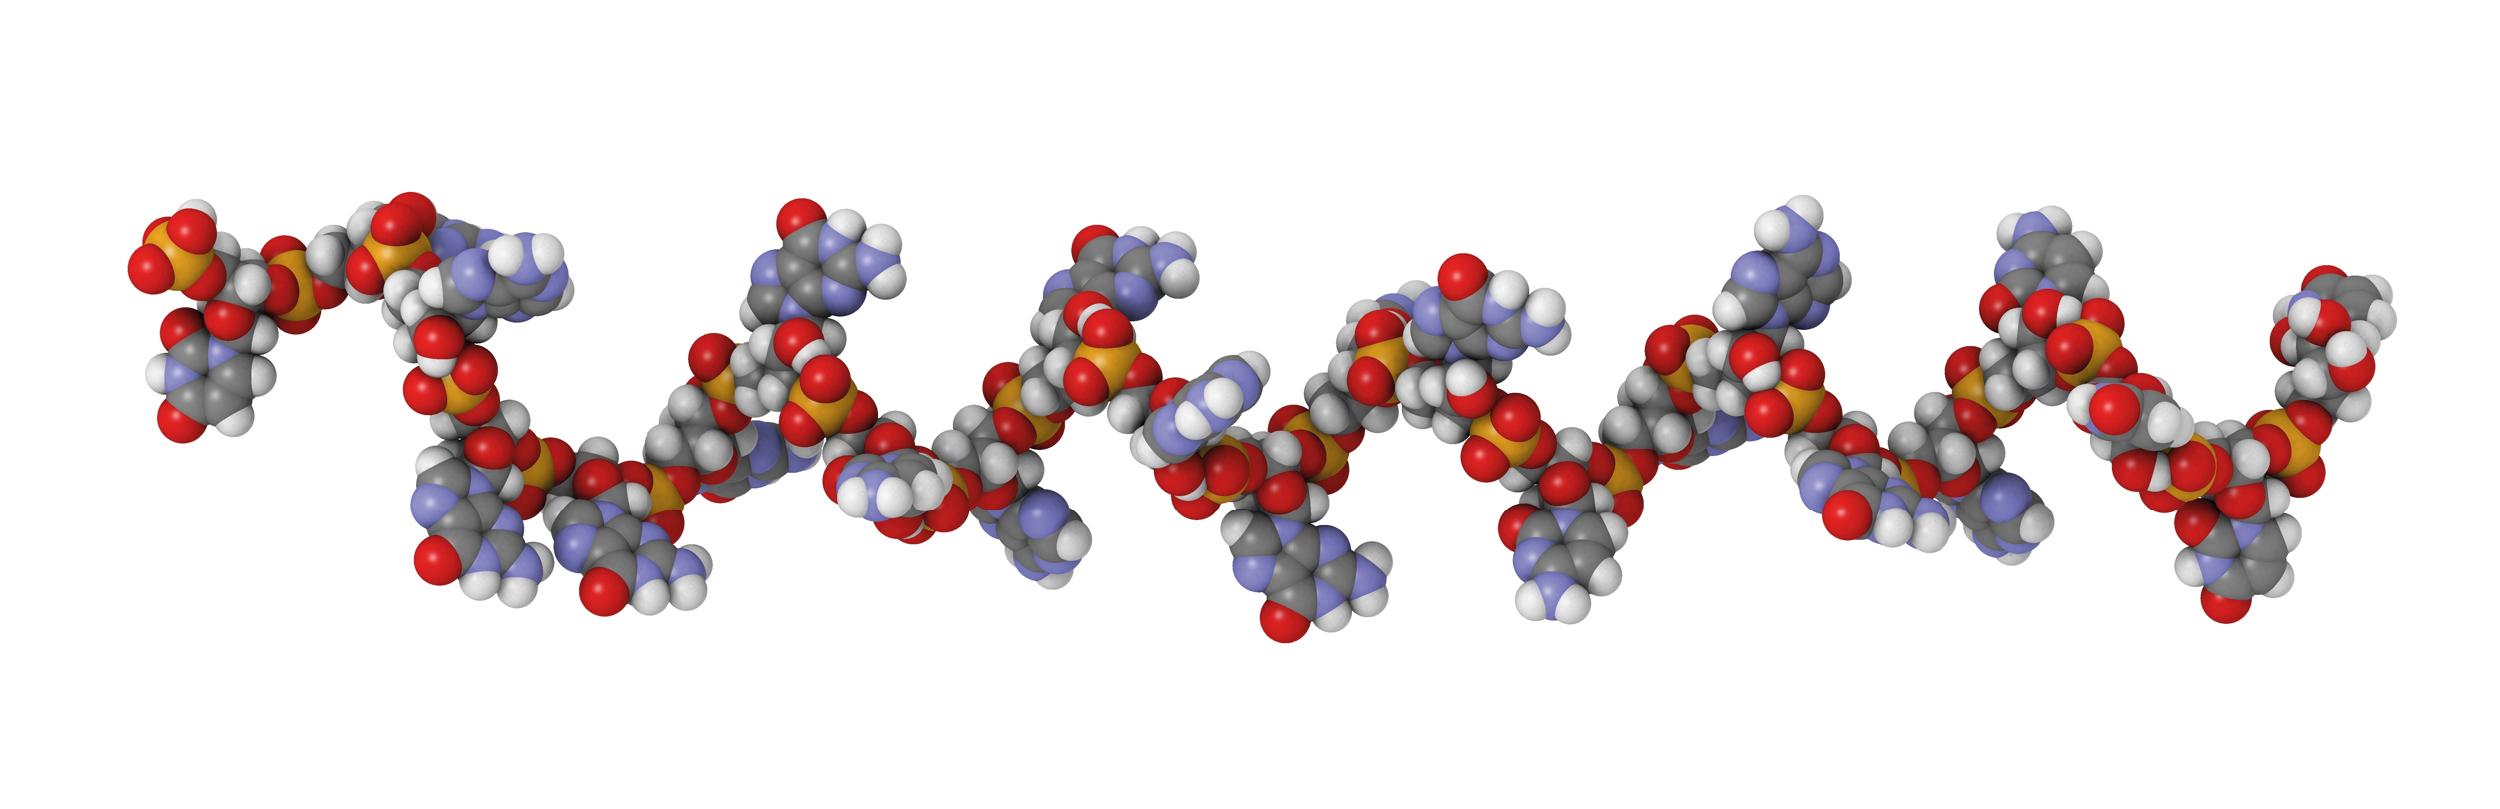 Quality Assistance JPBA Elsevier Oligonucleotides